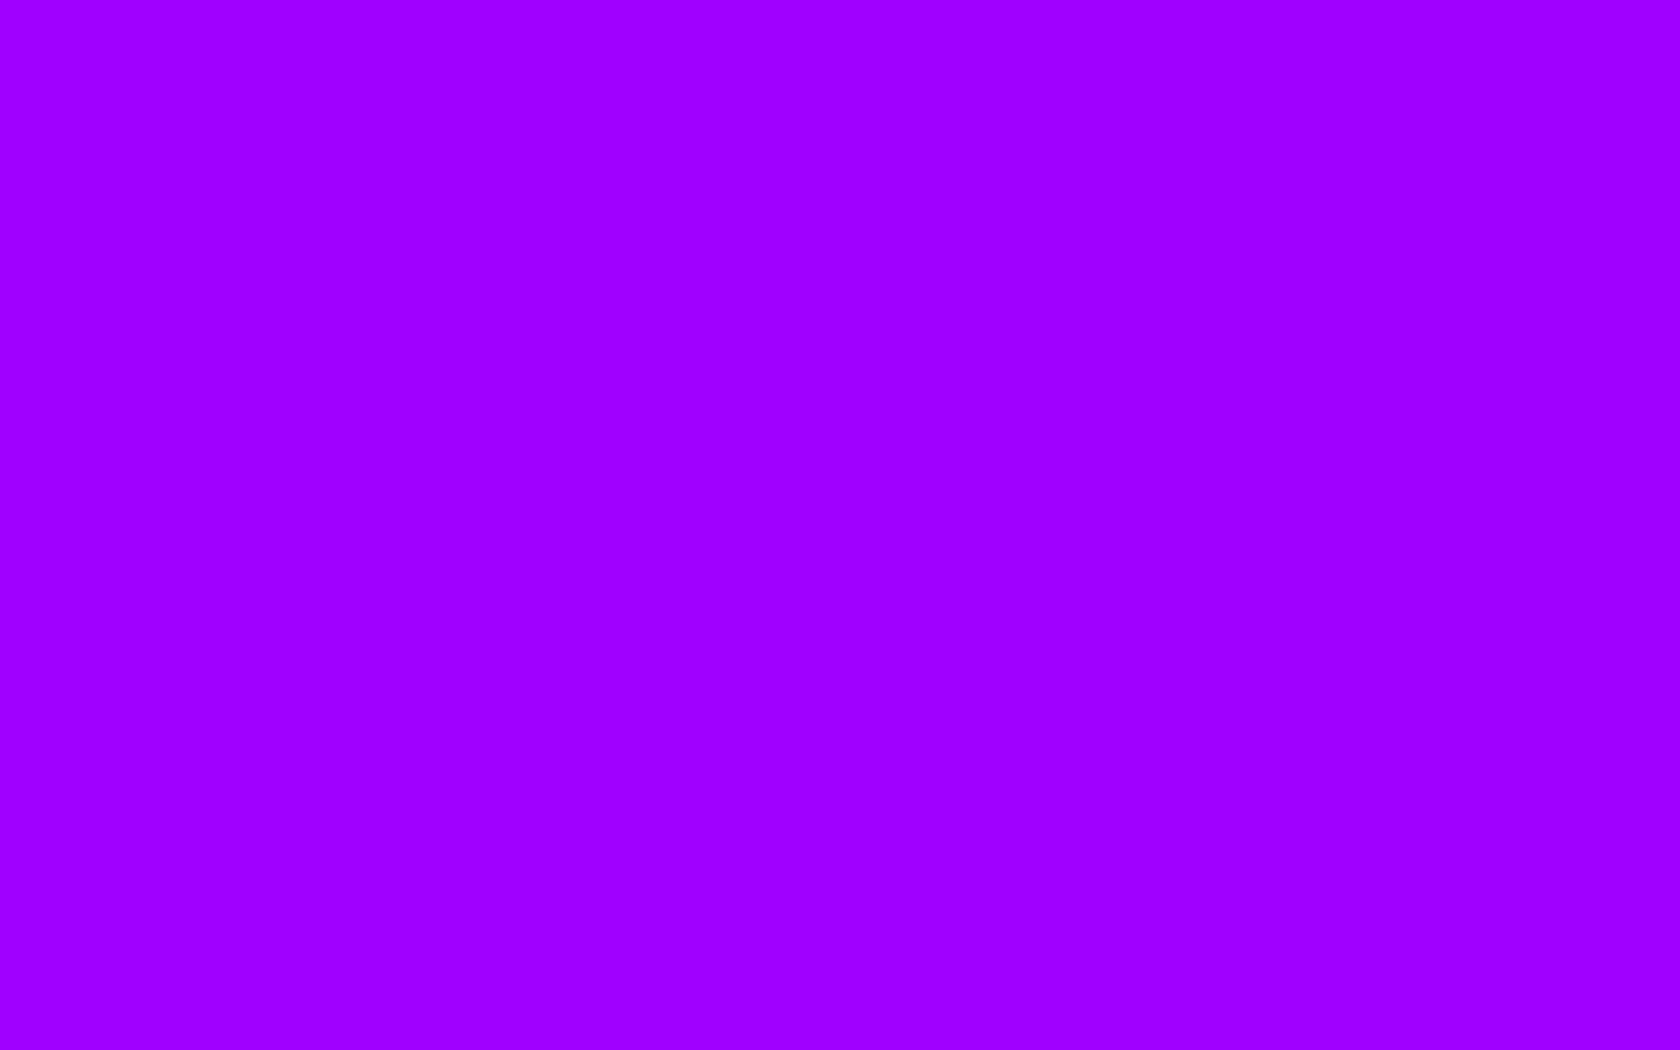 1680x1050 Vivid Violet Solid Color Background